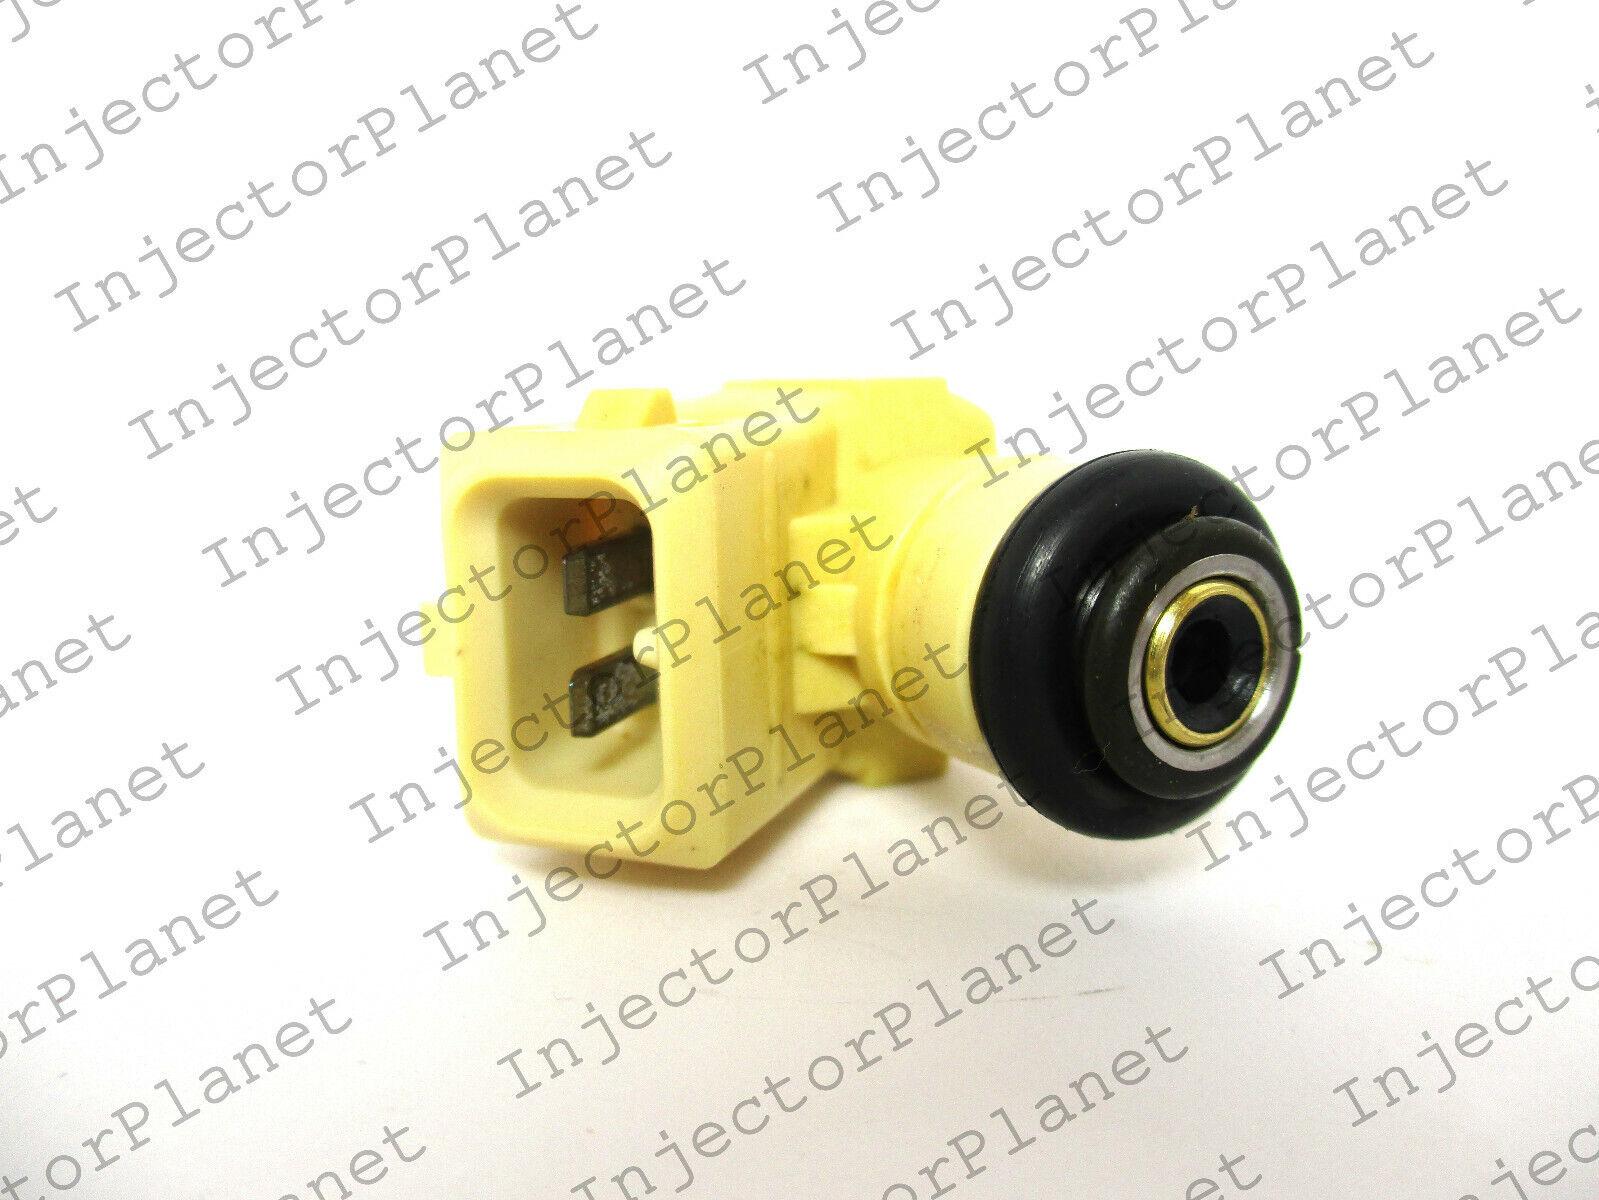 Set of 8 Bosch 0280156074 injector 01-06 Mercedes CLK55 AMG 5.5L V8 A1130780349